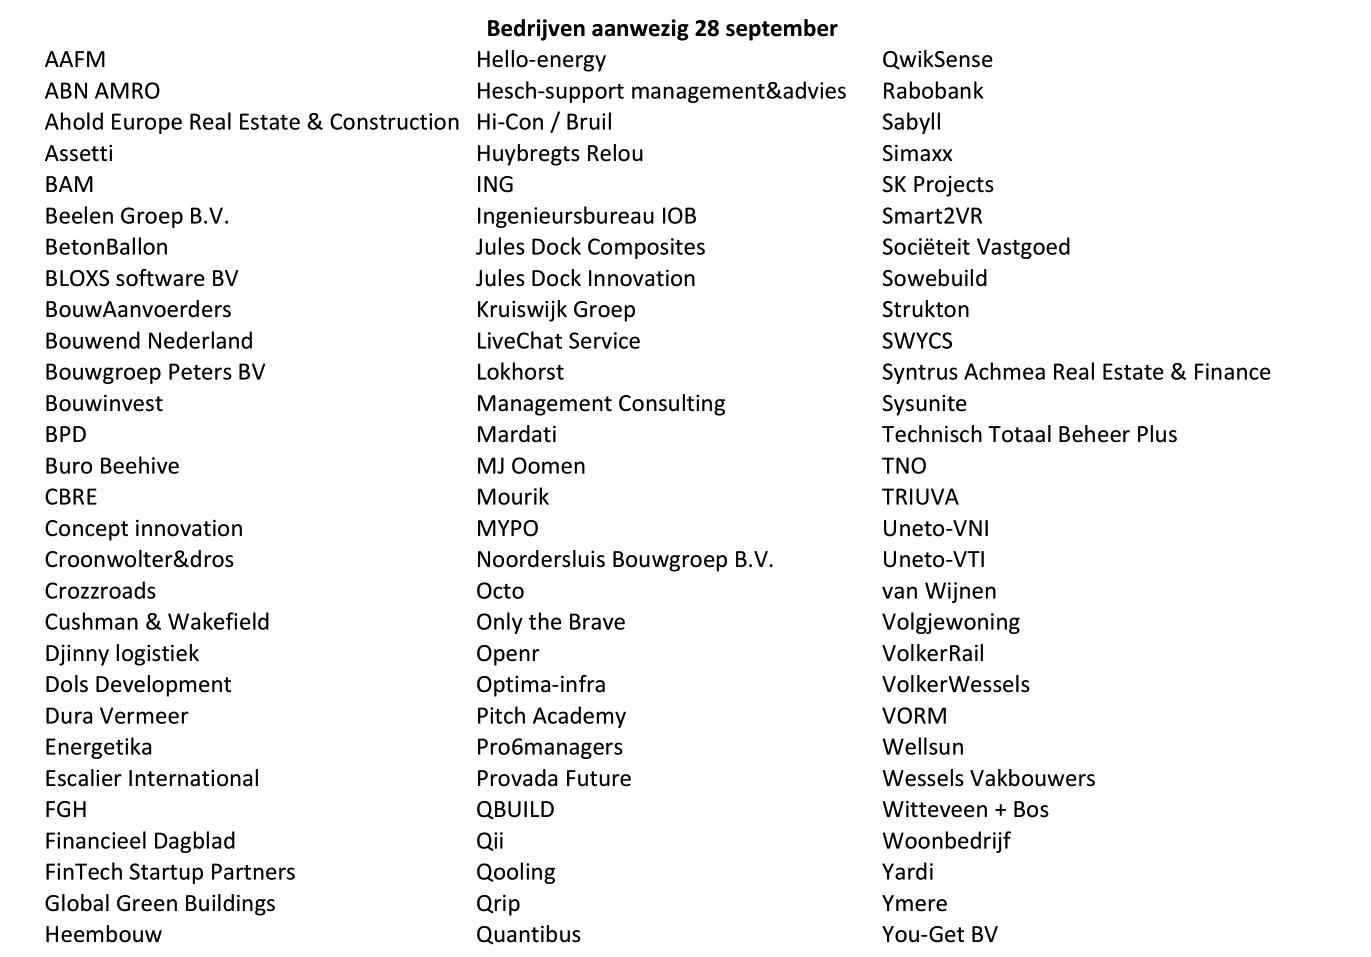 Bedrijven aanwezig 28 september